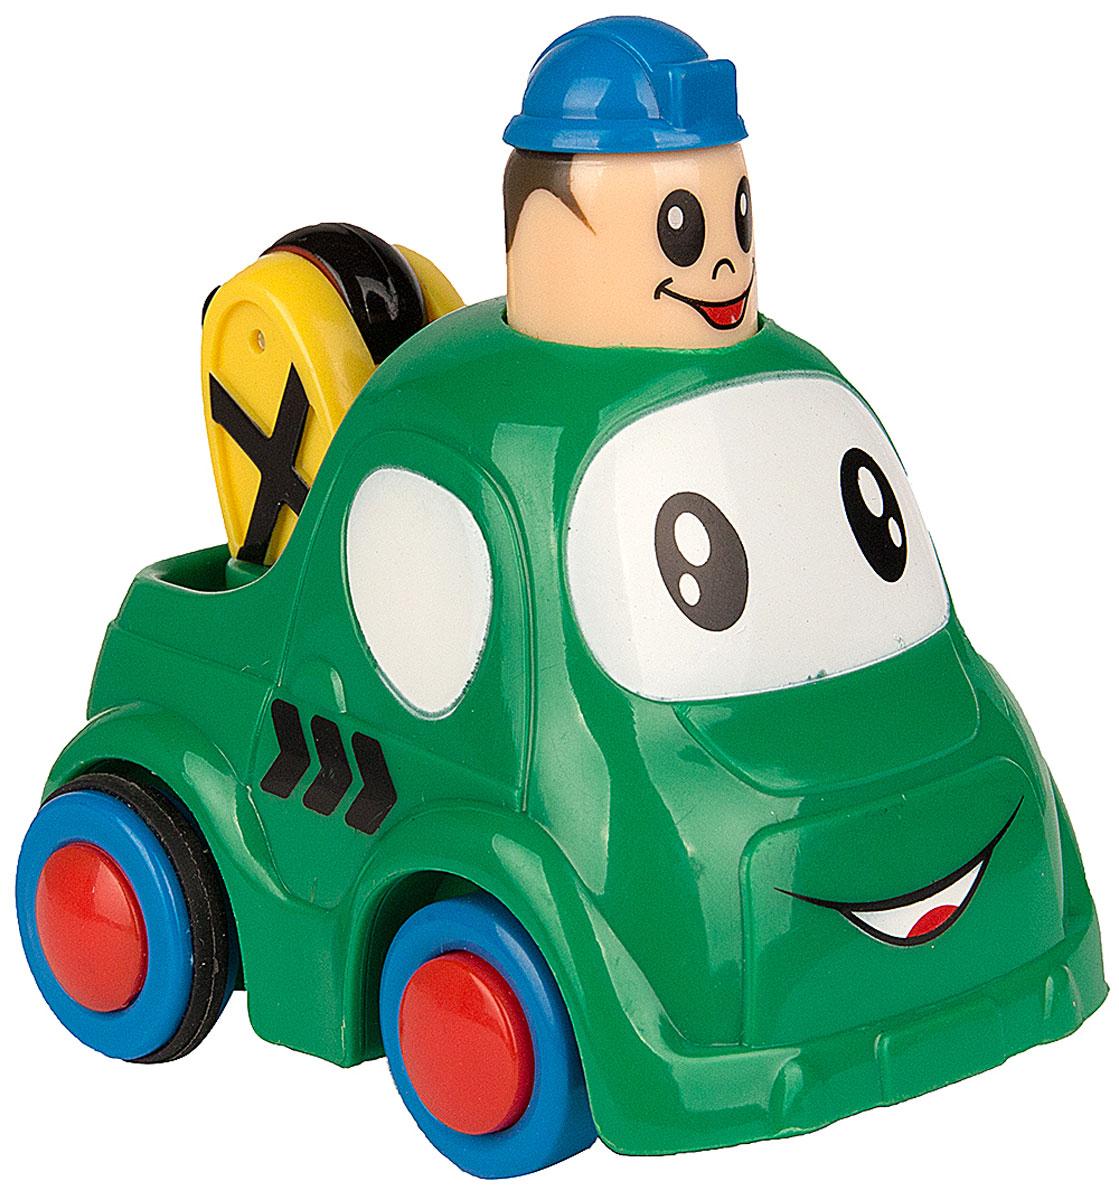 Simba Инерционная Мини-машинка с краном цвет зеленый4019516_зеленый кранМини-машинка Simba привлечет внимание вашего ребенка и надолго останется его любимой игрушкой. Плавные формы без острых углов, яркие цвета - все это выгодно выделяет эту игрушку из ряда подобных. Кузов дополнен небольшим подвижным краном. Игрушка оснащена инерционным ходом. Необходимо нажать на голову водителя и отпустить - и машинка быстро поедет вперед. Машинка развивает концентрацию внимания, координацию движений, мелкую моторику рук, цветовое восприятие и воображение. Малыш будет часами играть с этой игрушкой, придумывая разные истории.